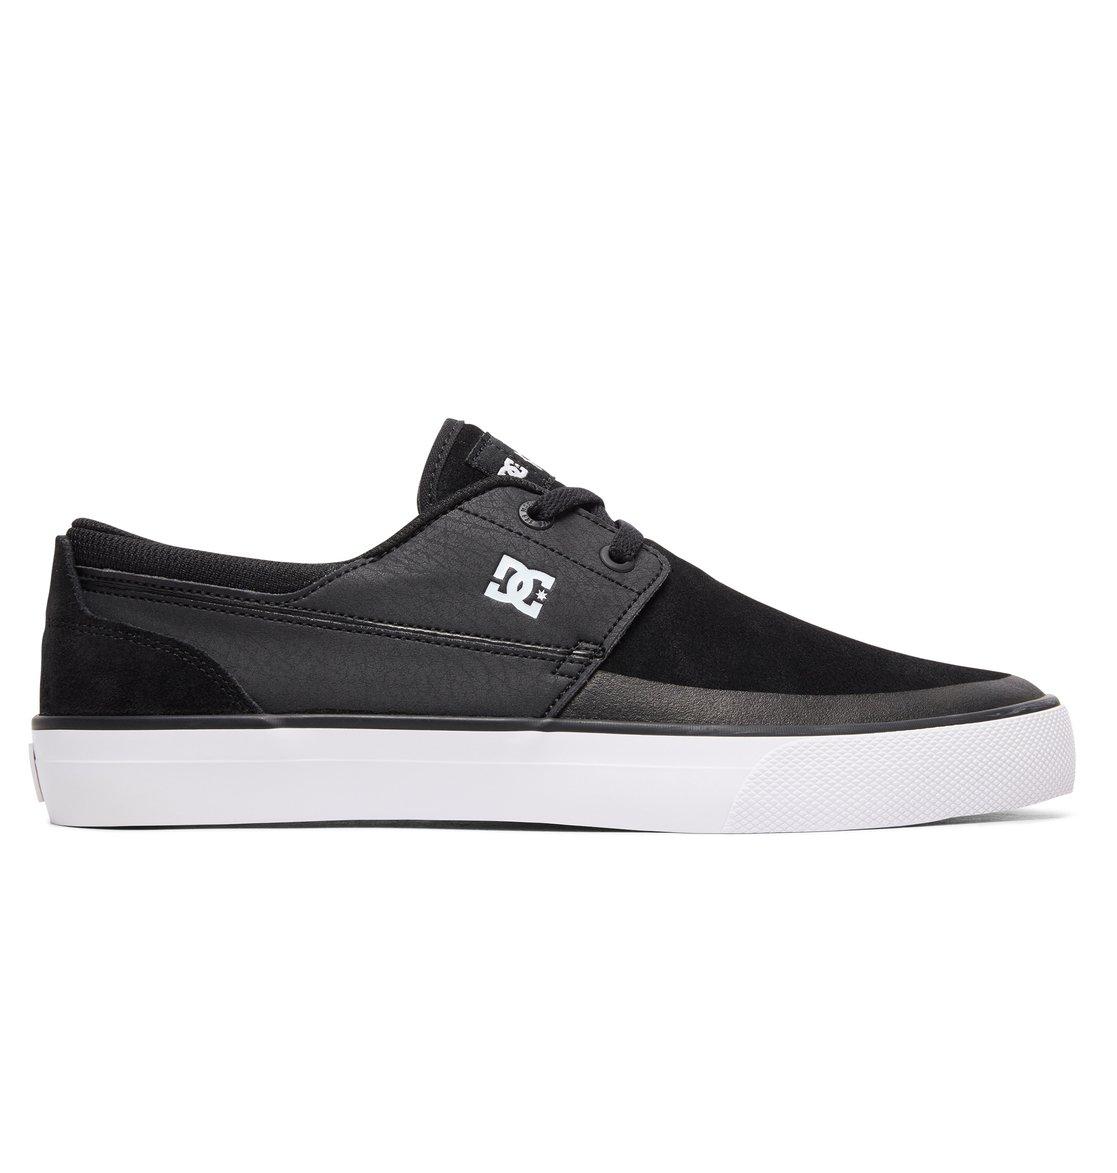 Homme Adys300241 S Wes 2 Shoes Pour Chaussures Skate Dc De Kremer 0074FqwR